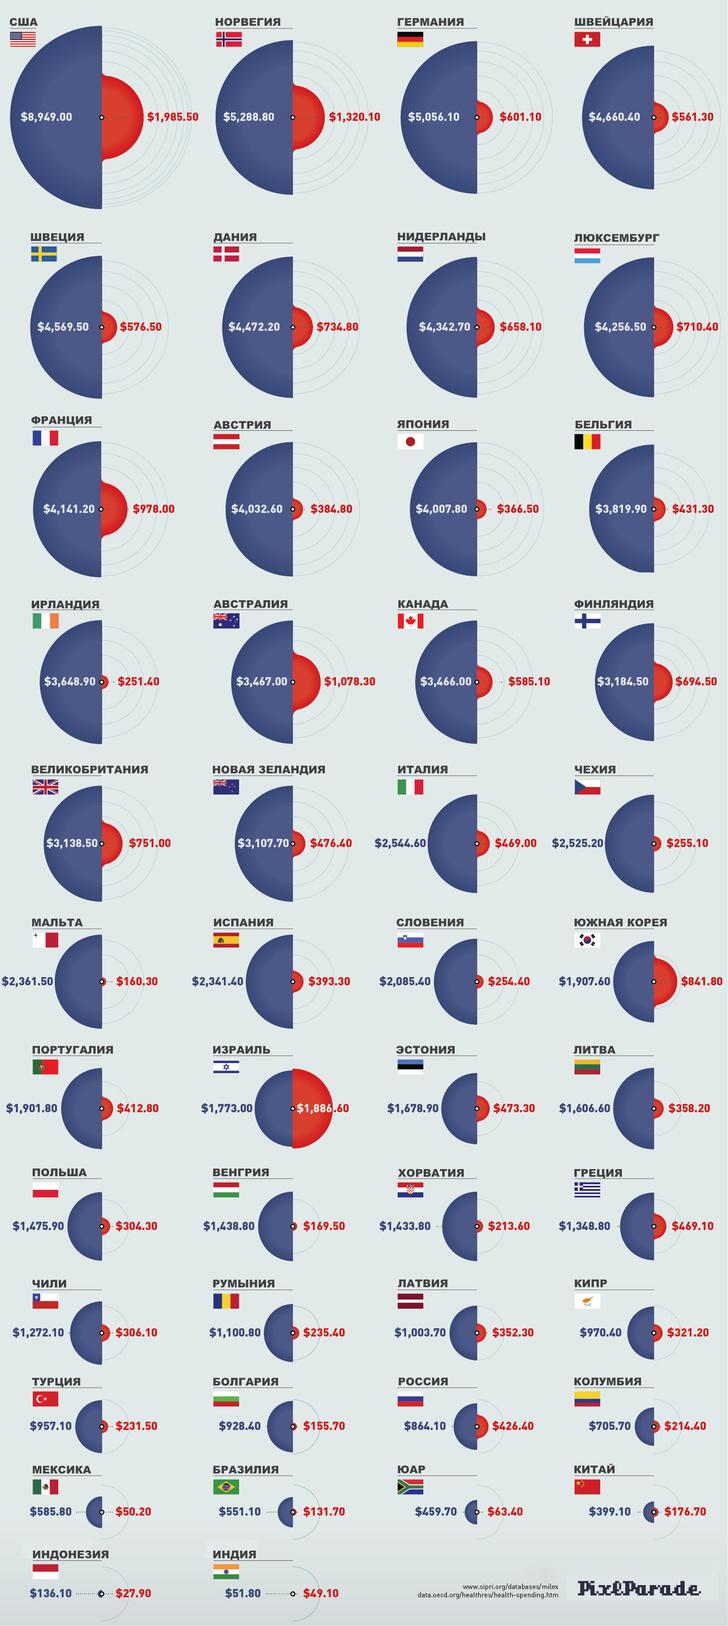 Фото №1 - Инфографика: соотношение затрат на медицину и оборону в странах мира